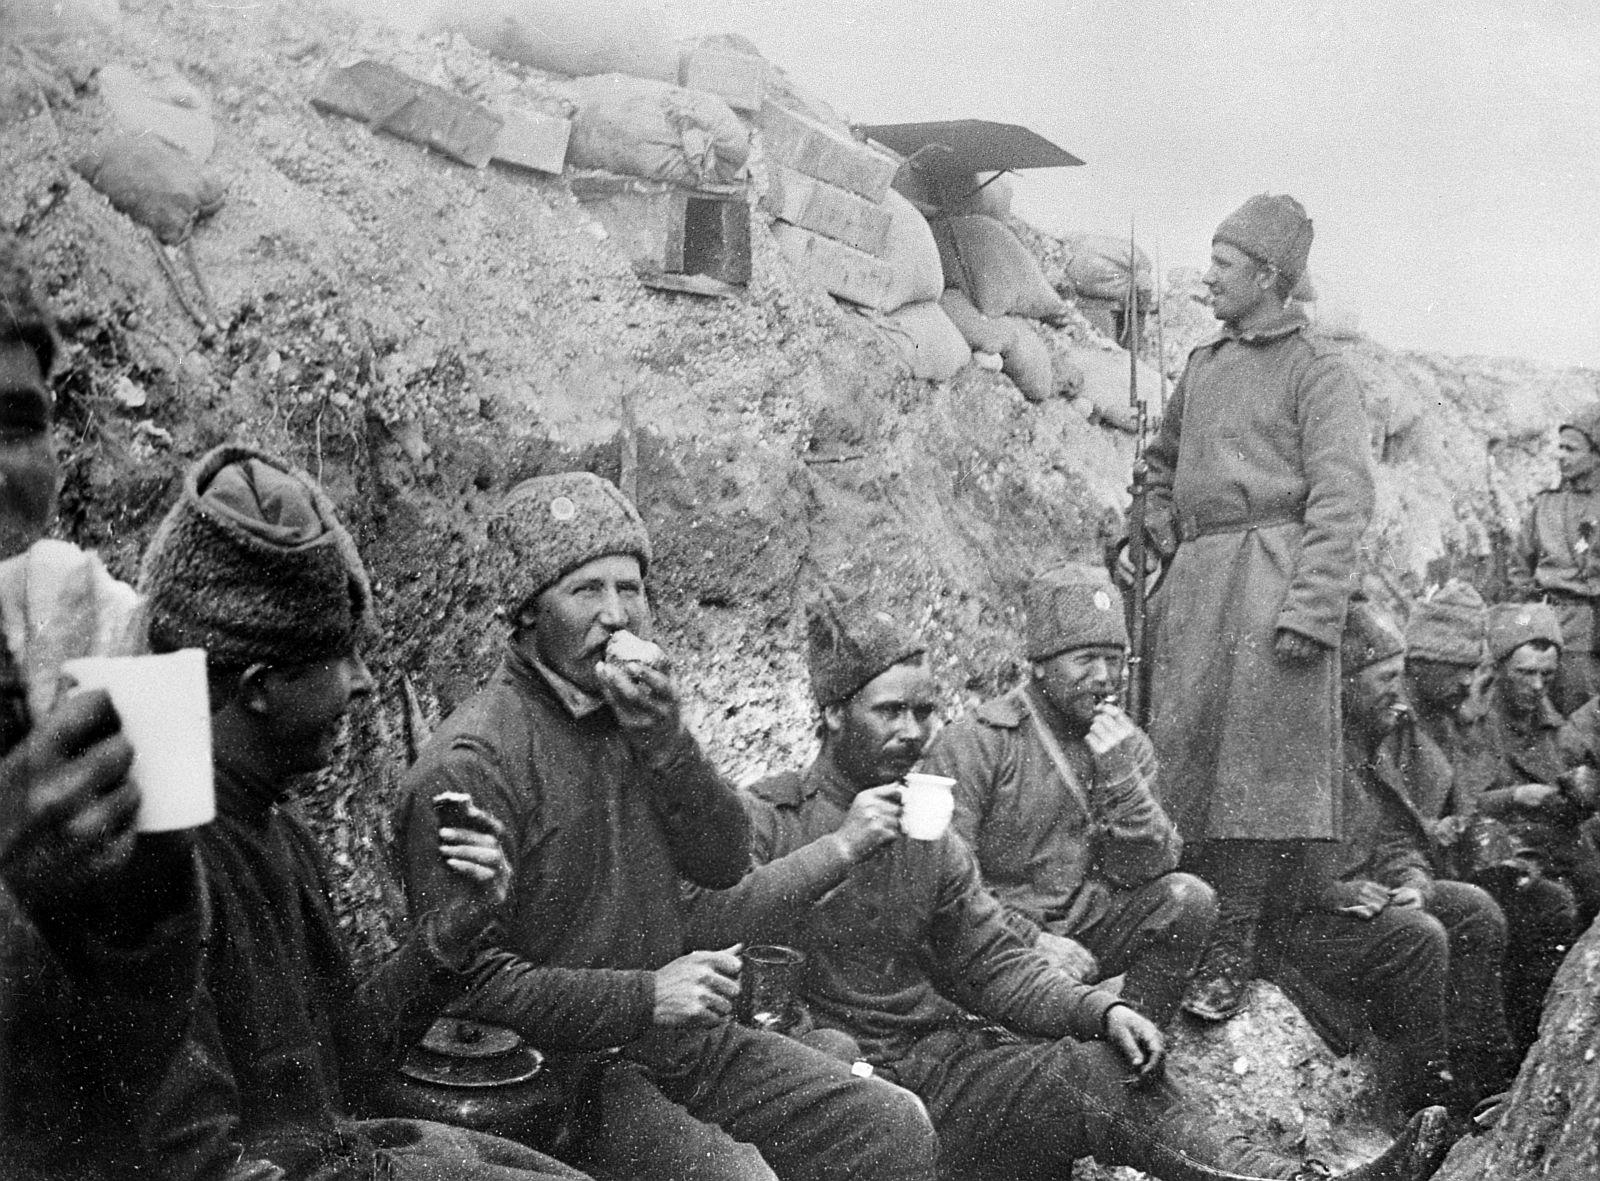 Не стоило лезть? Историк отвечает на спорные вопросы о Первой мировой